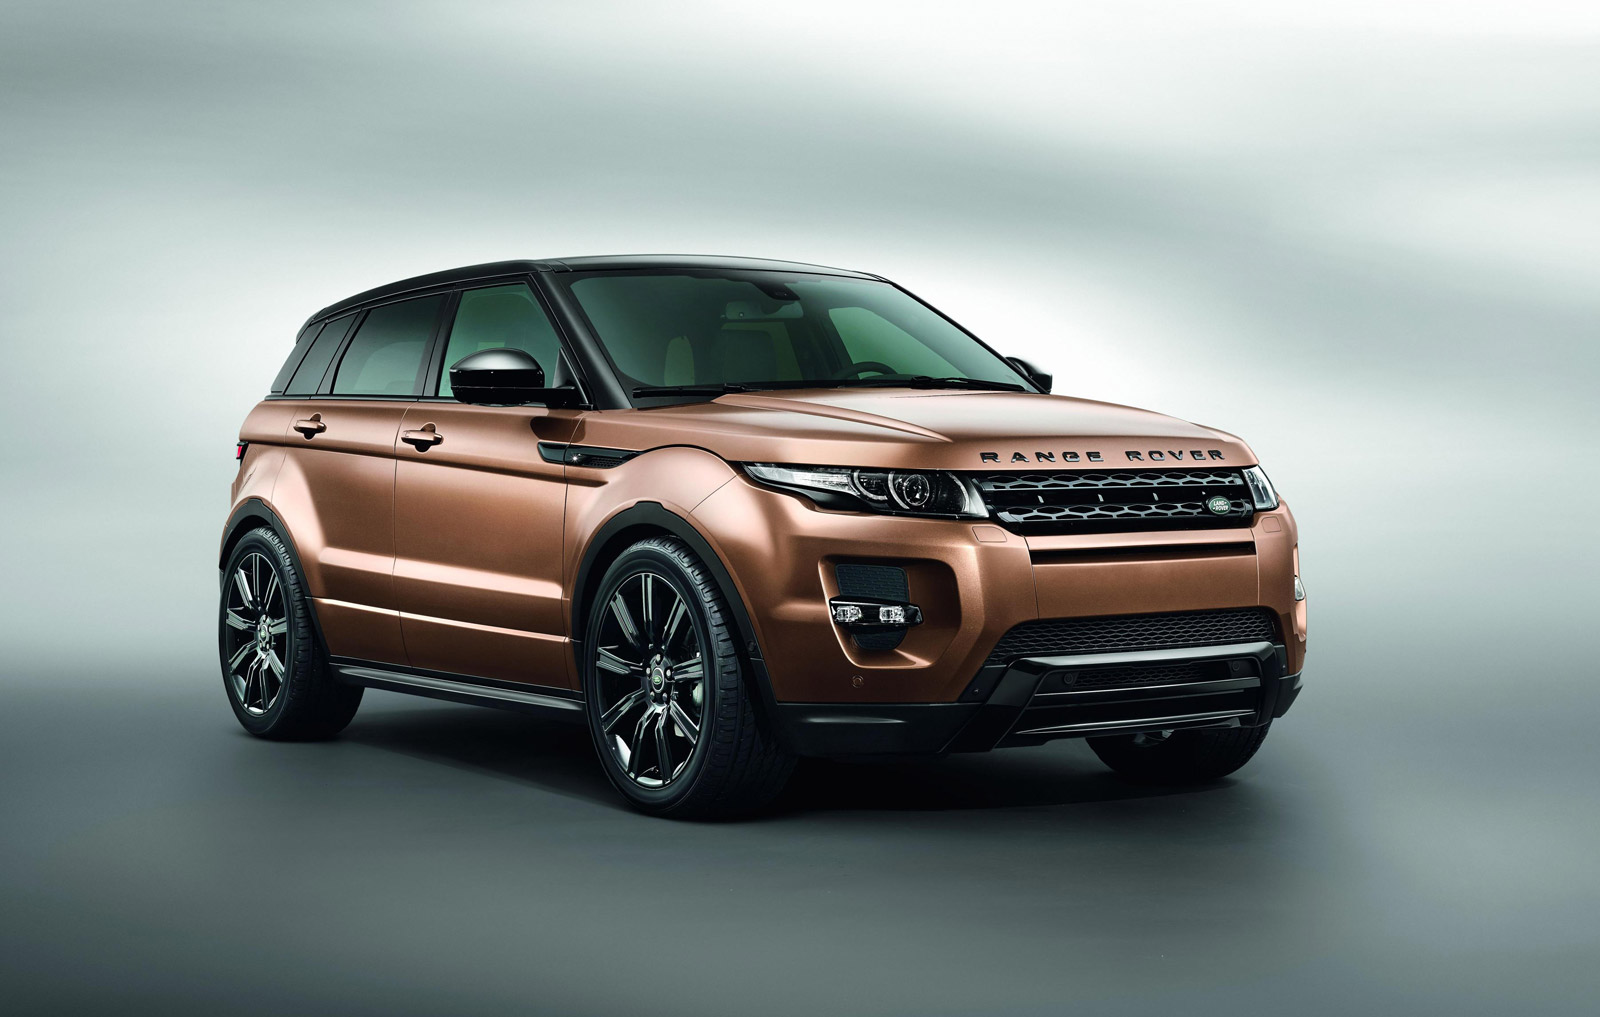 2014 Land Rover Range Rover Evoque Preview